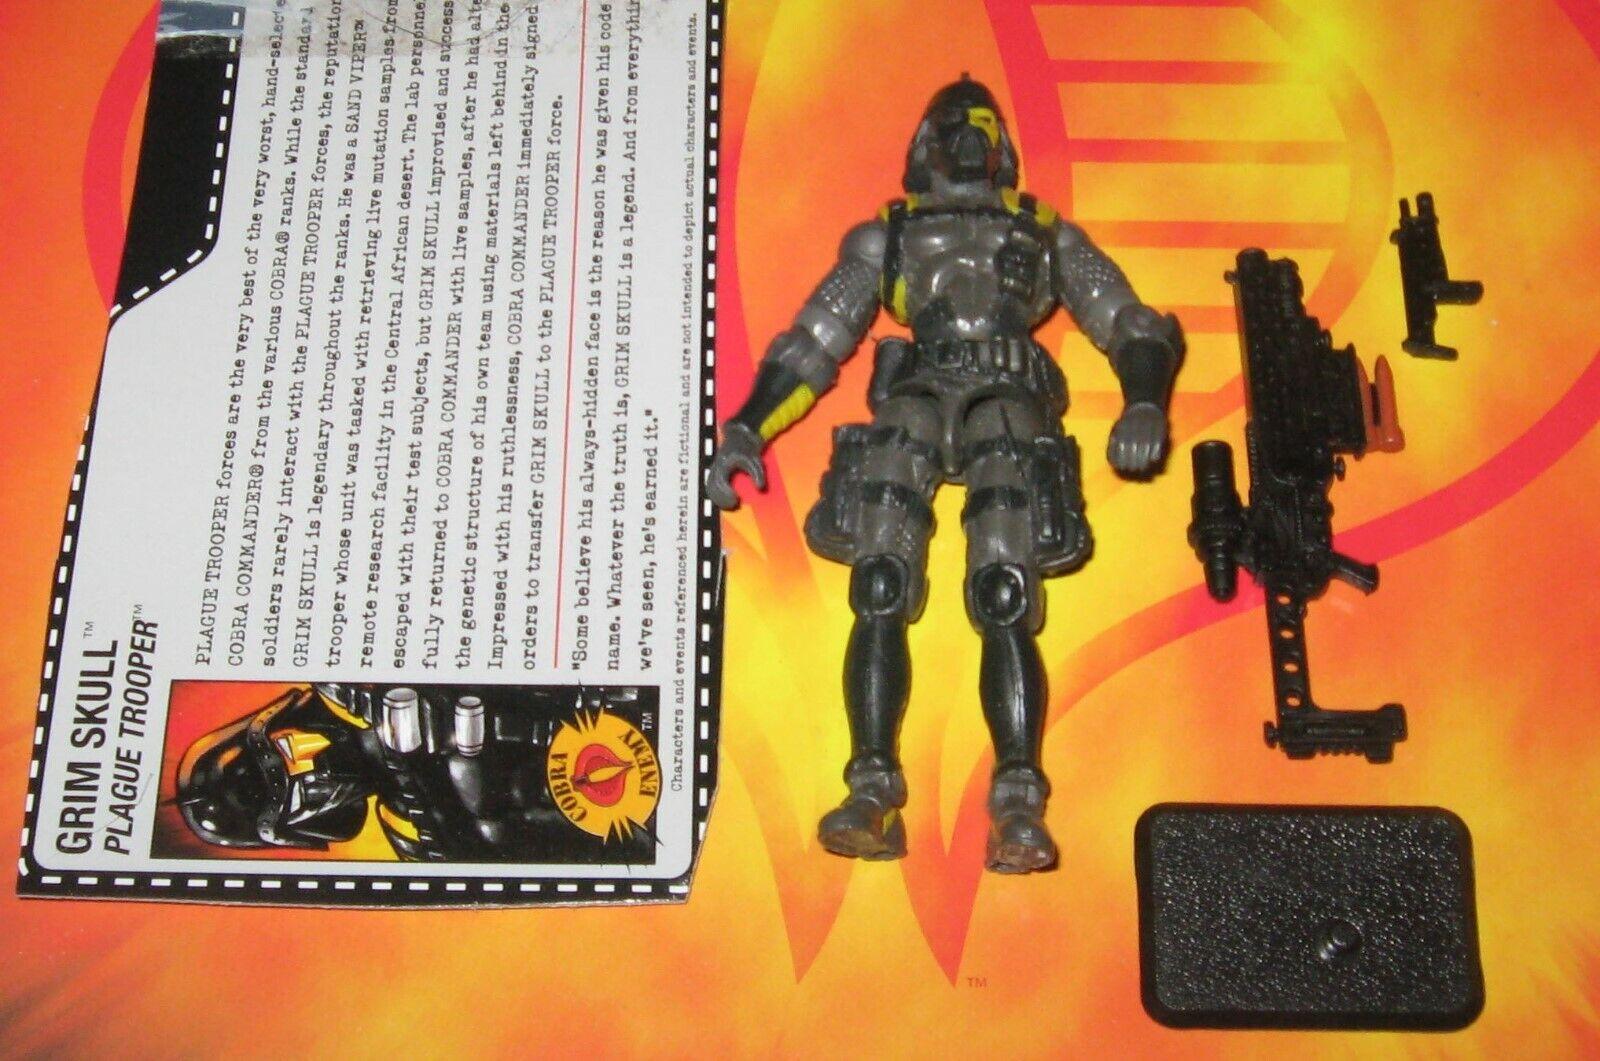 - Complete Loose Action Figure 2002 HASBRO GI JOE G.I JOE Zartan v4